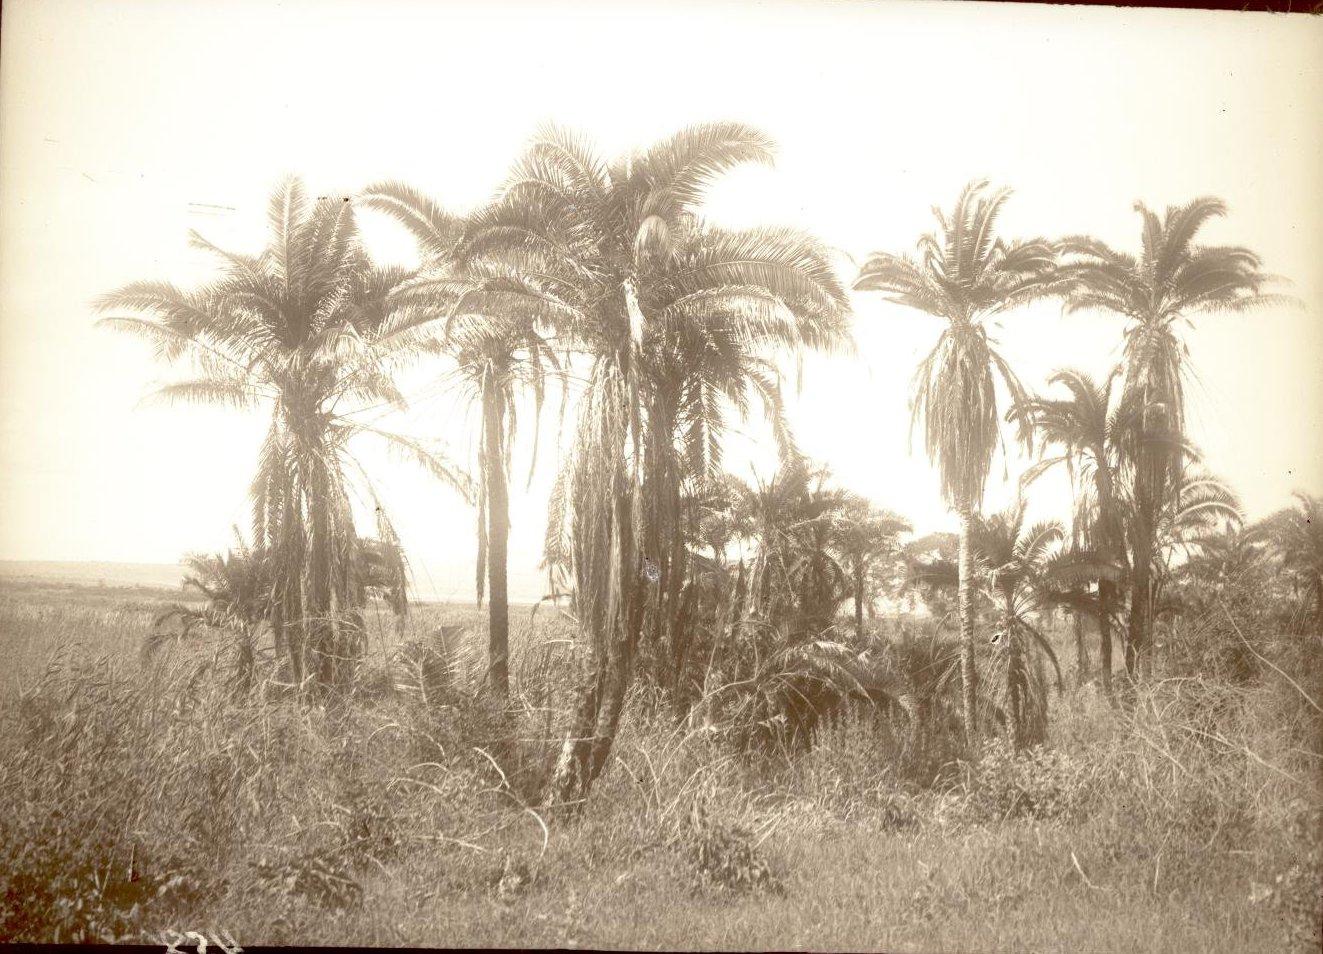 458. Район Марокко до Урбарака. Пальмовый лесок